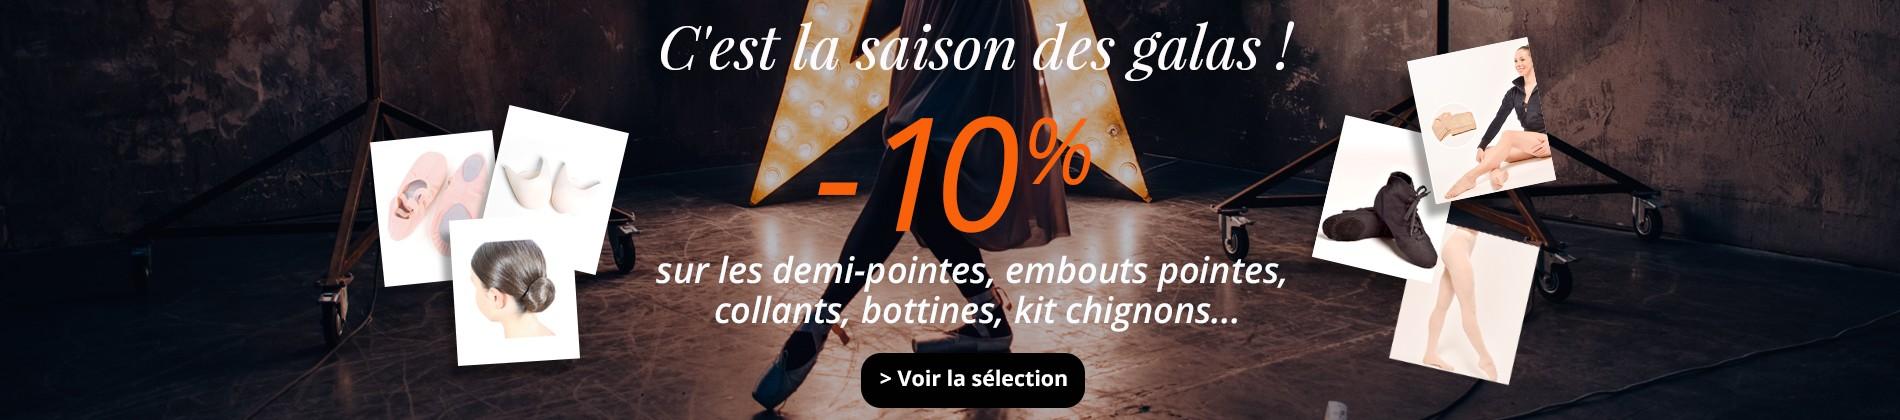 C'est la saison des galas, -10% sur les demi-pointes, embouts pointes, collants, bottines, kit chignons...